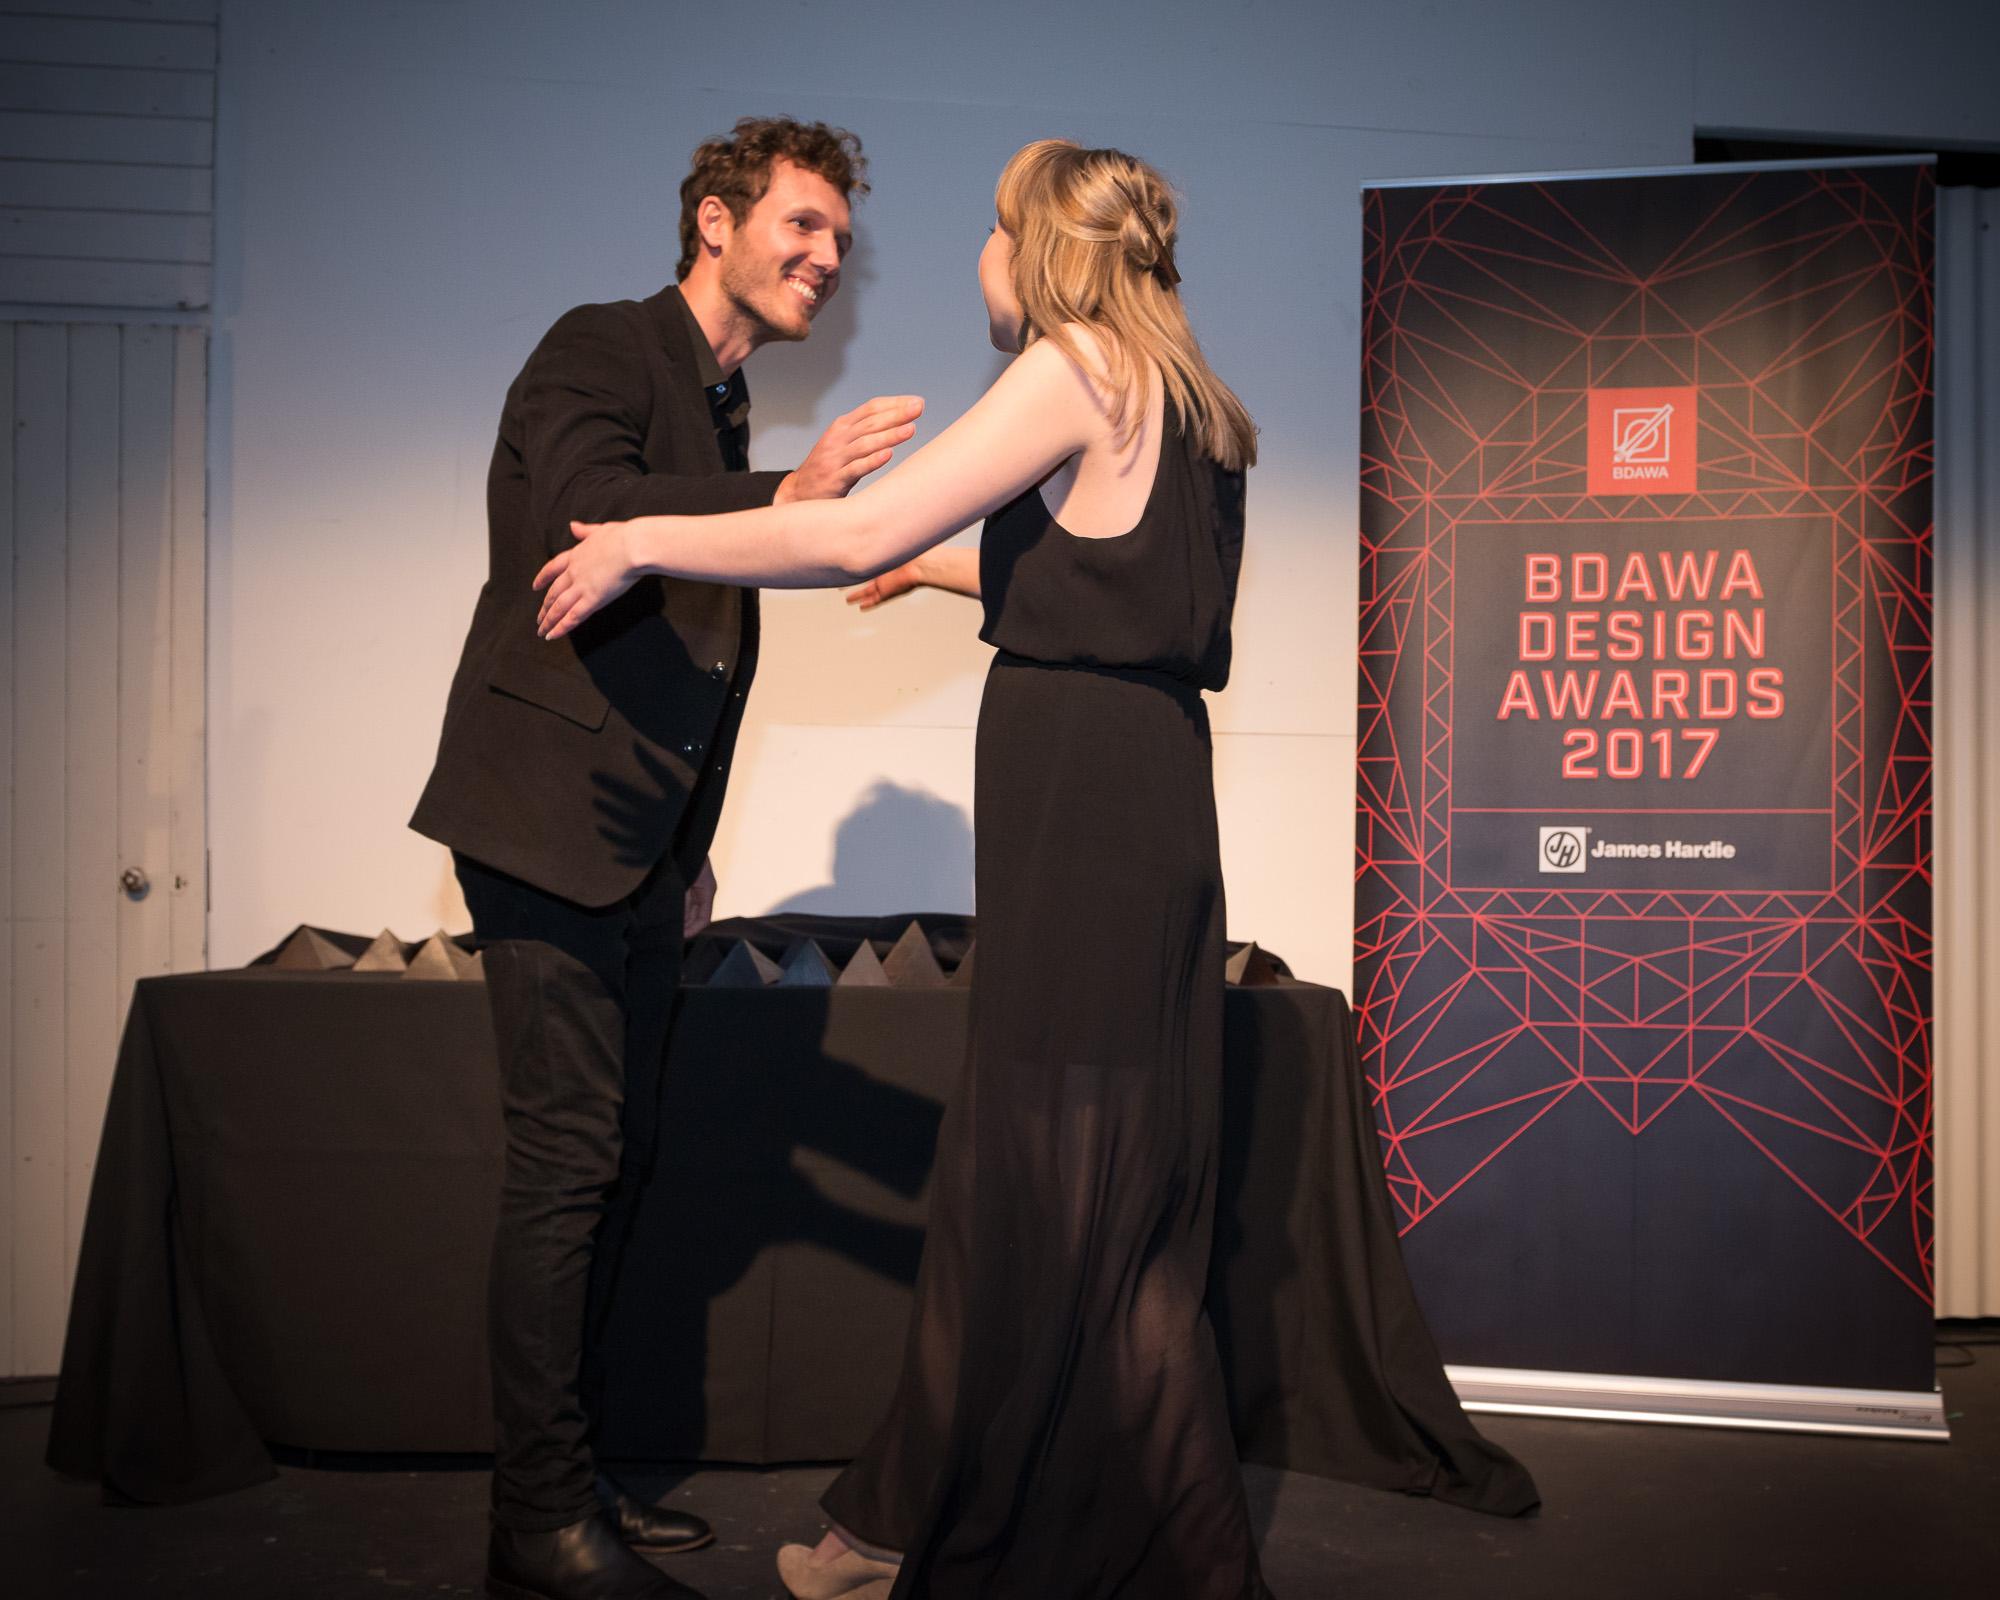 0125 BDA WA Awards 2017 _JHG7325.jpg